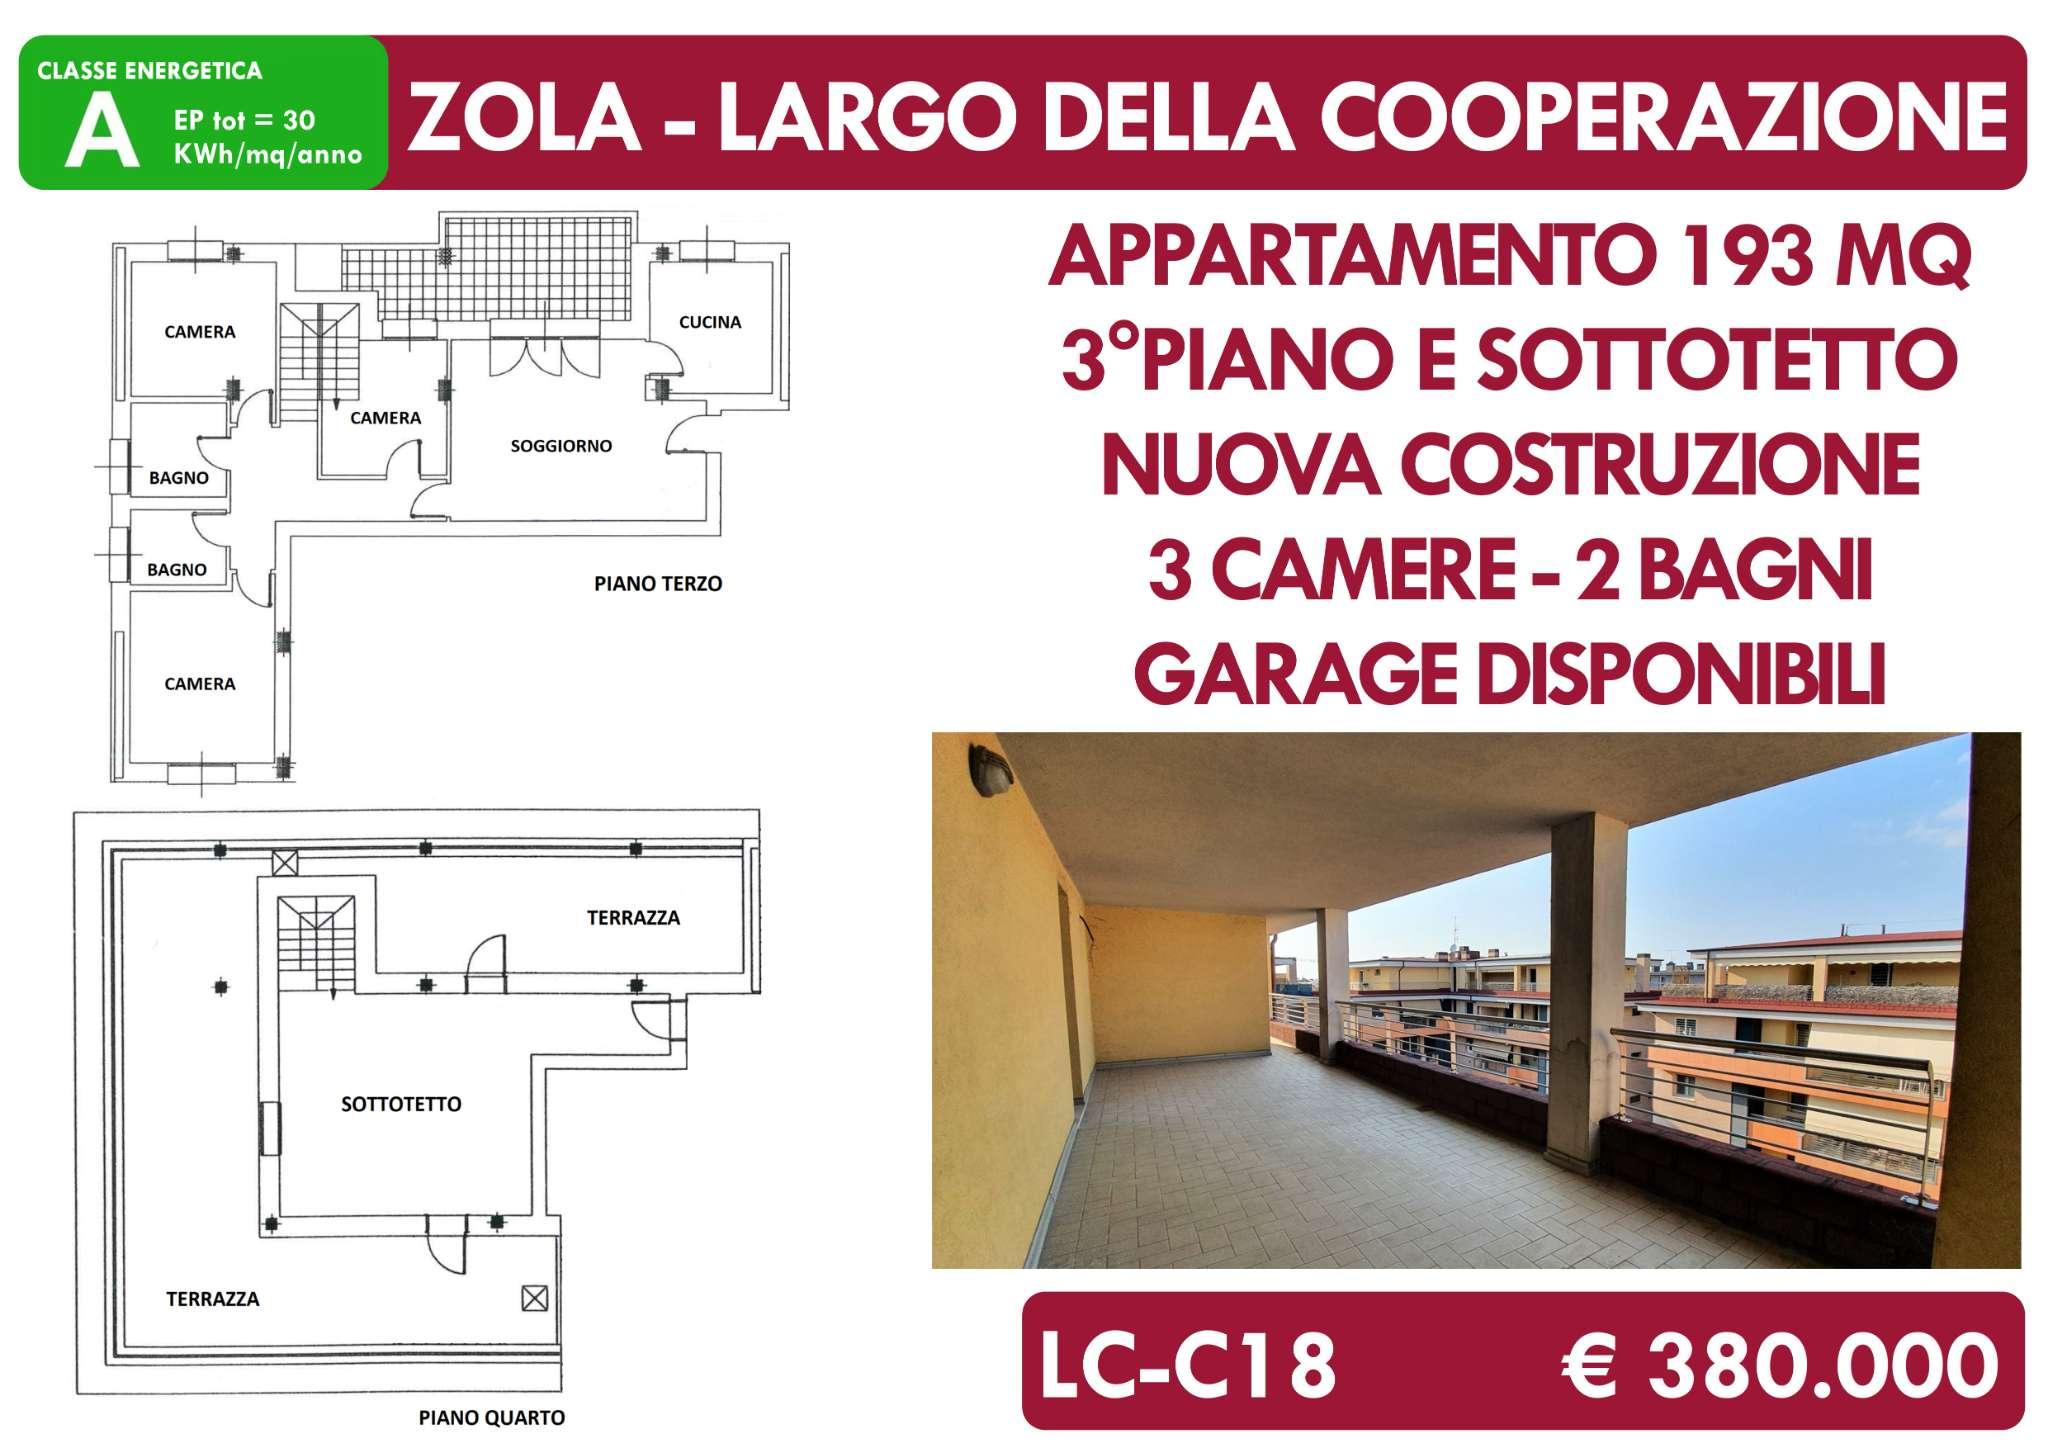 Appartamento in vendita a Zola Predosa, 5 locali, prezzo € 380.000 | PortaleAgenzieImmobiliari.it